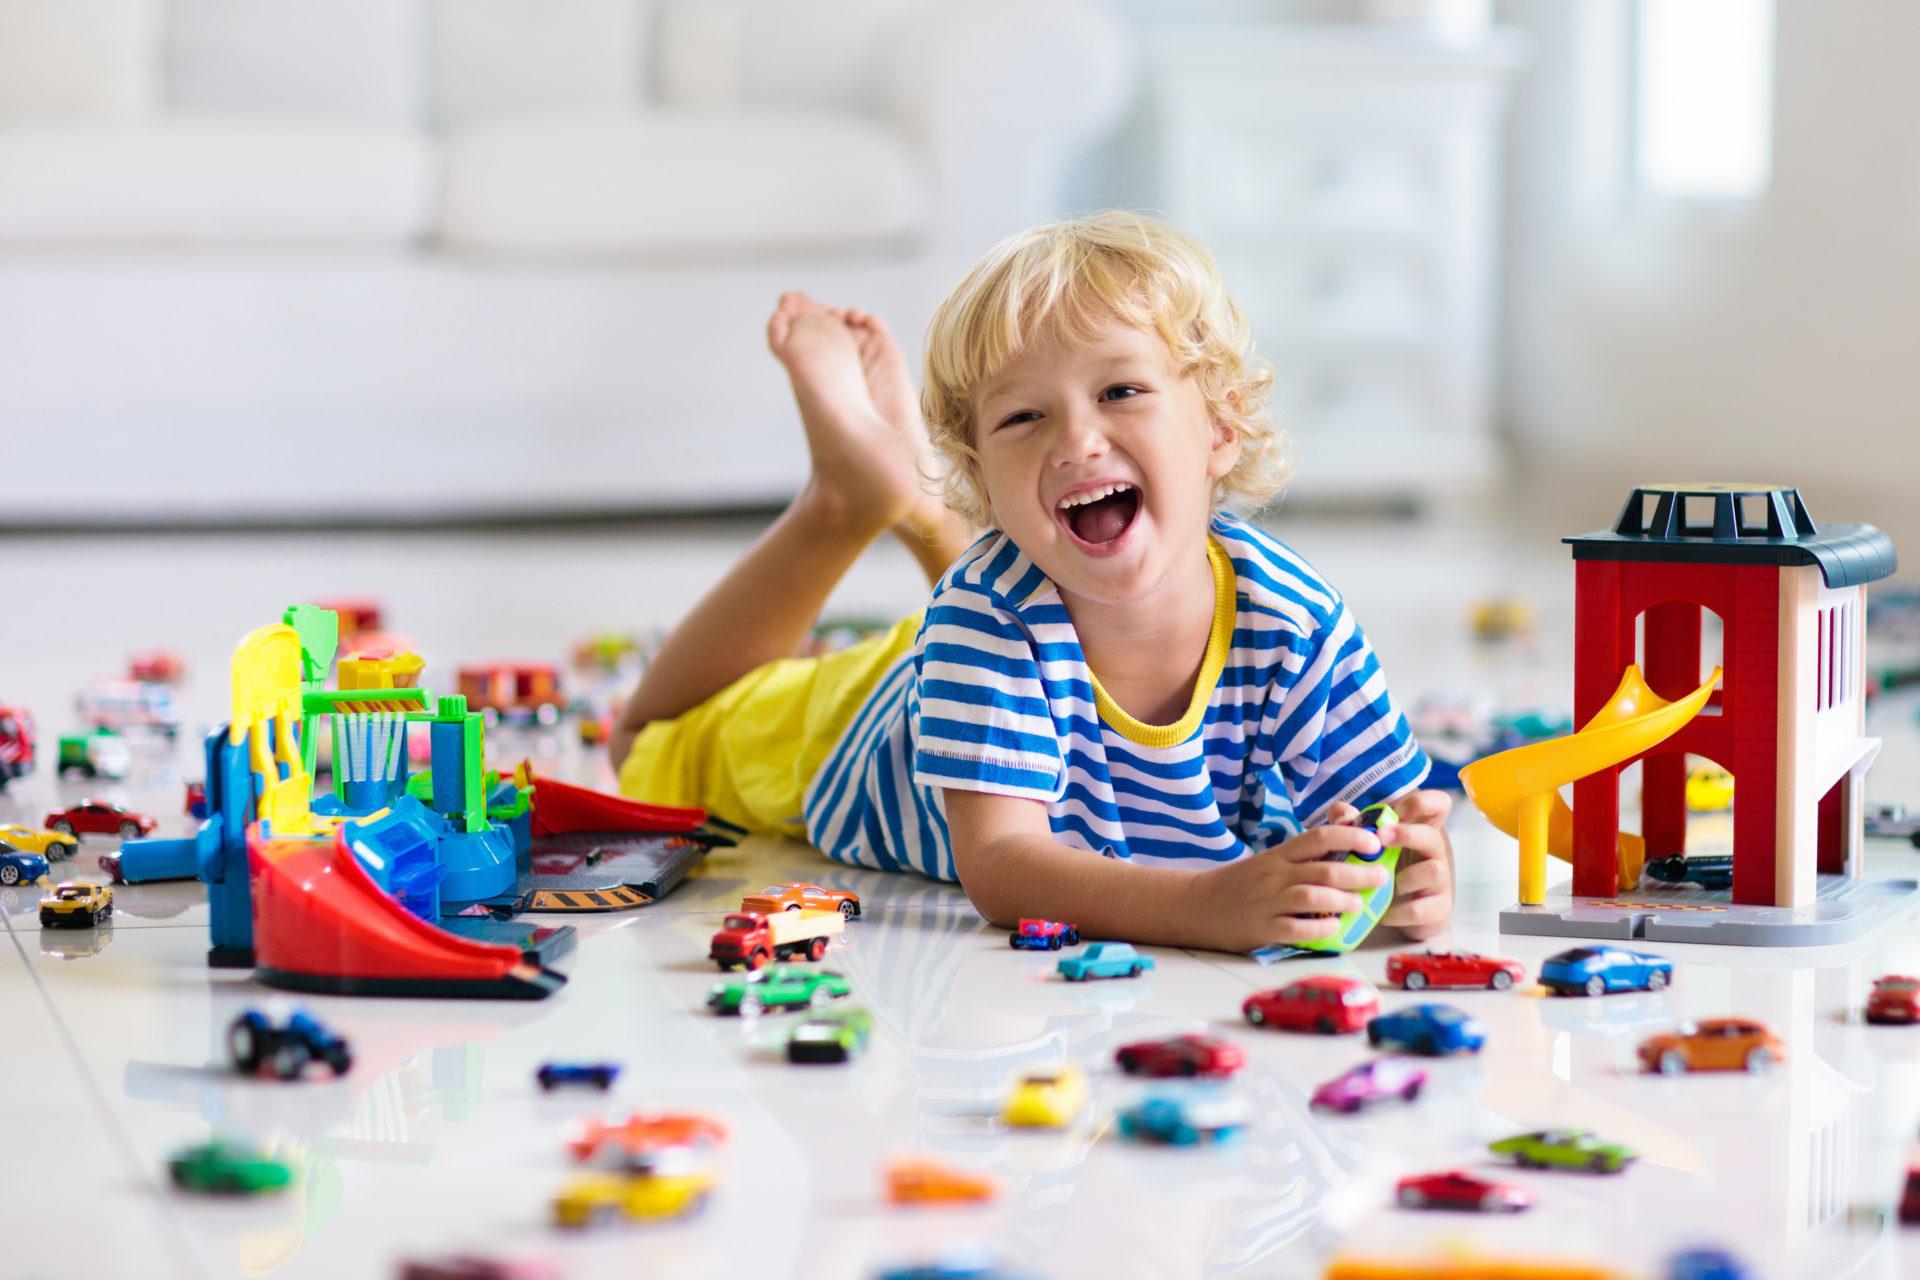 Jeu Eveil Enfant, Jouet Eveil Enfant, Cadeau D'eveil Pour encequiconcerne Jeux Pour Garcon De 3 Ans